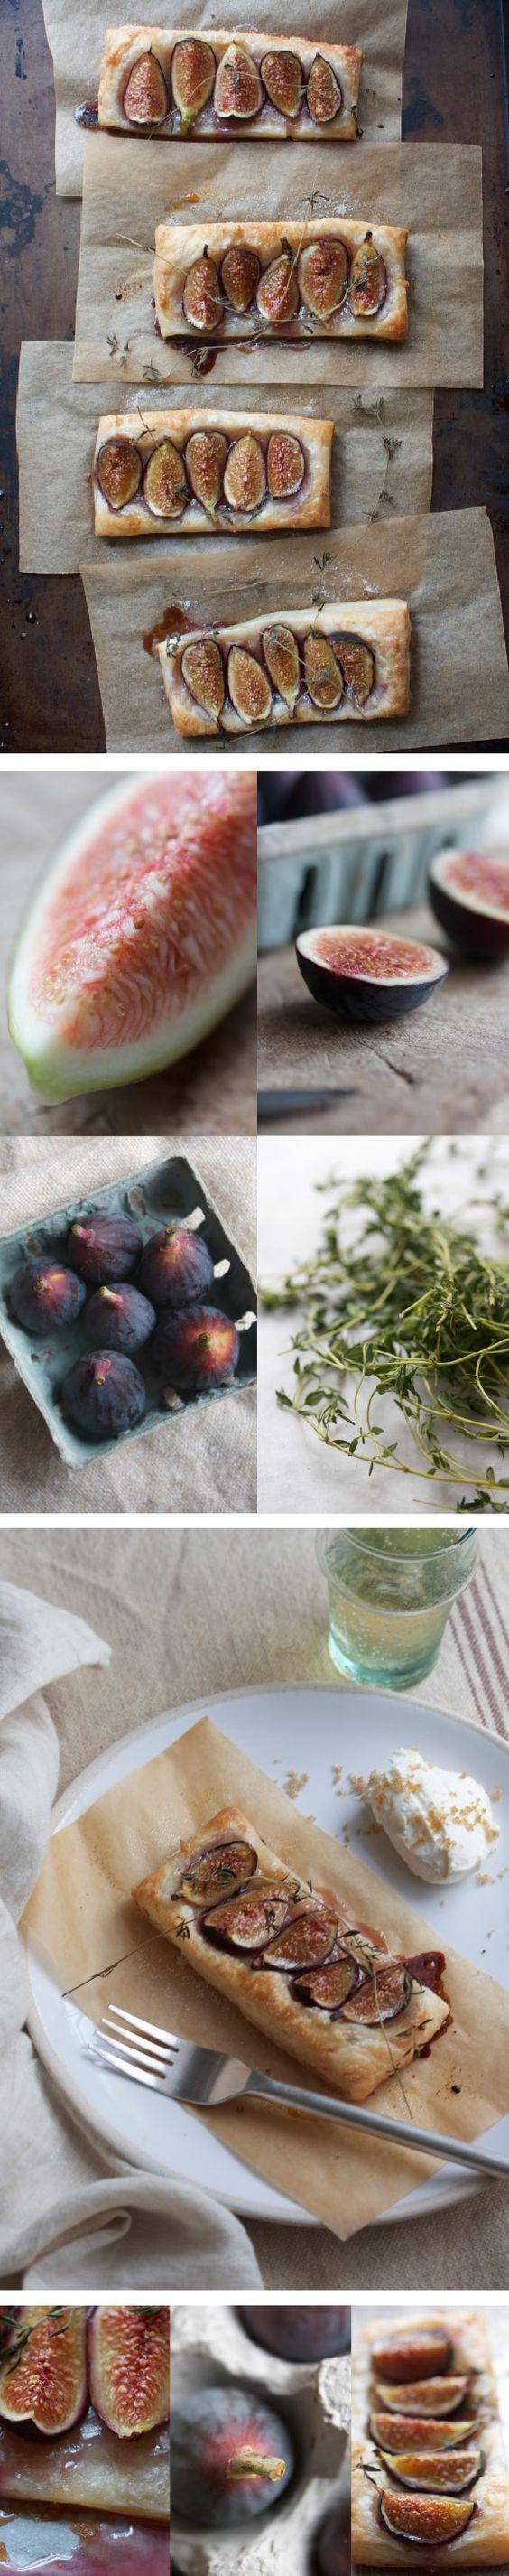 Fig tarts